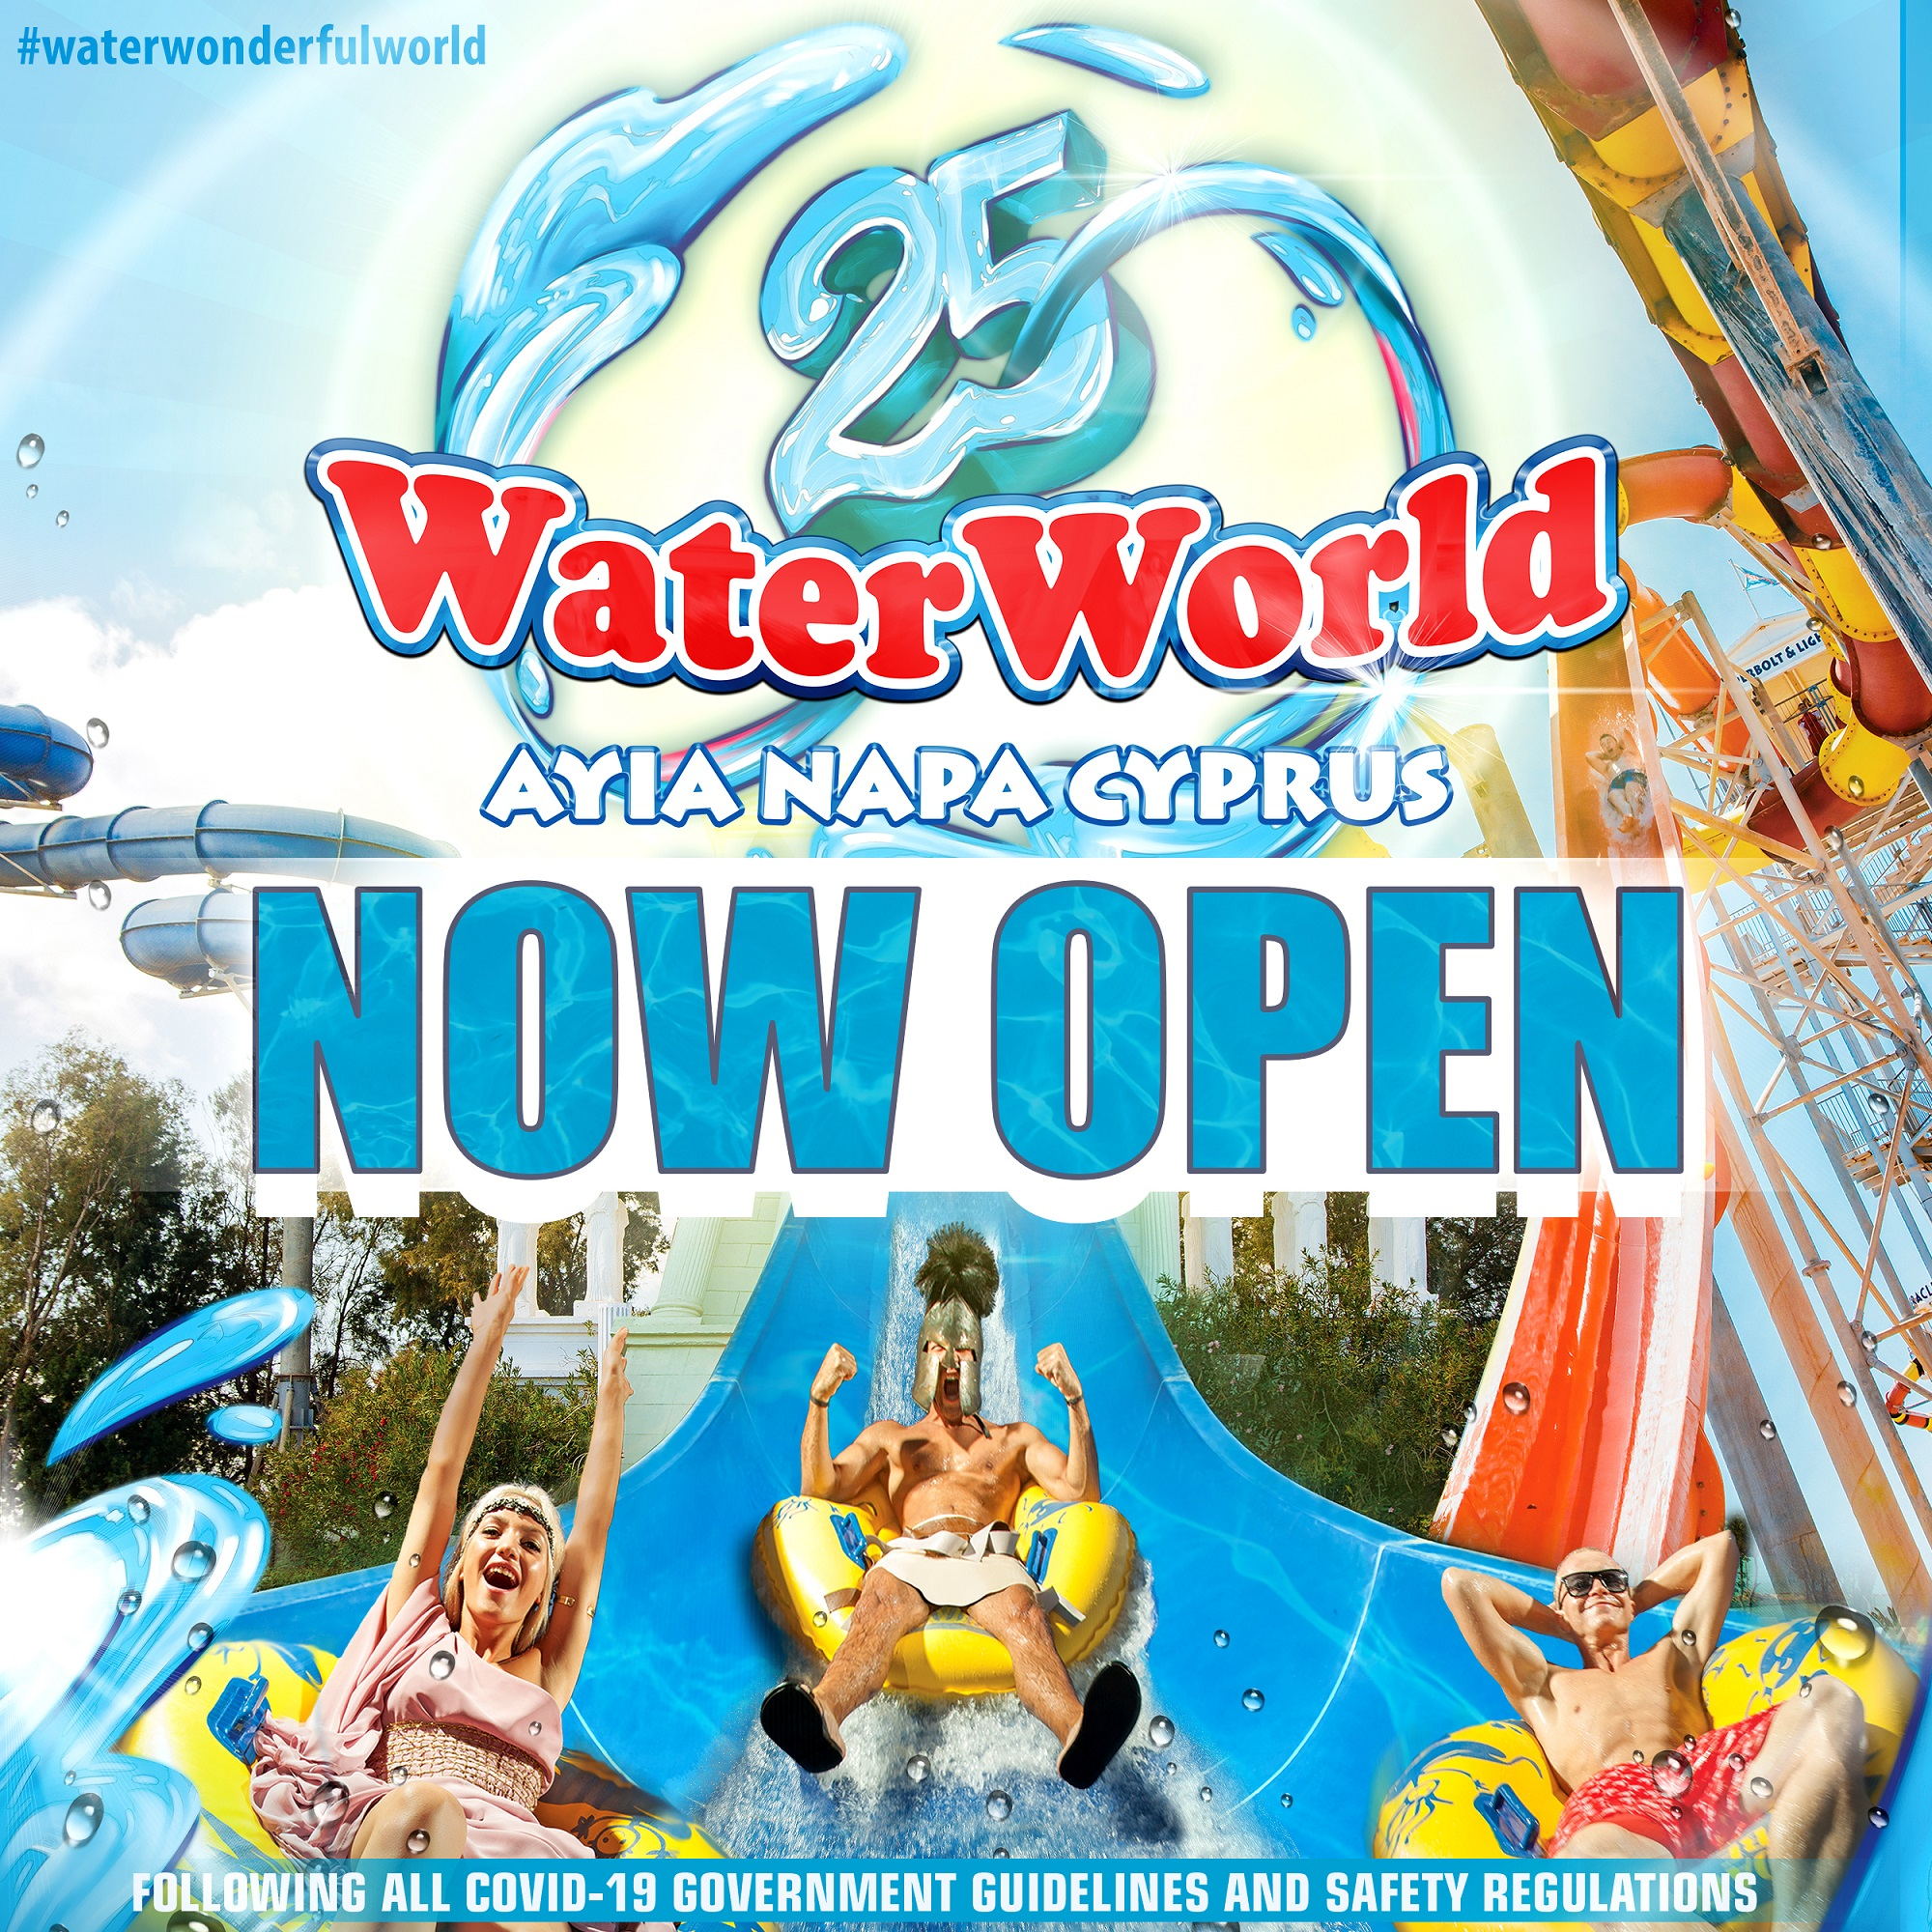 WaterWorld Themed Waterpark Now Open 2021